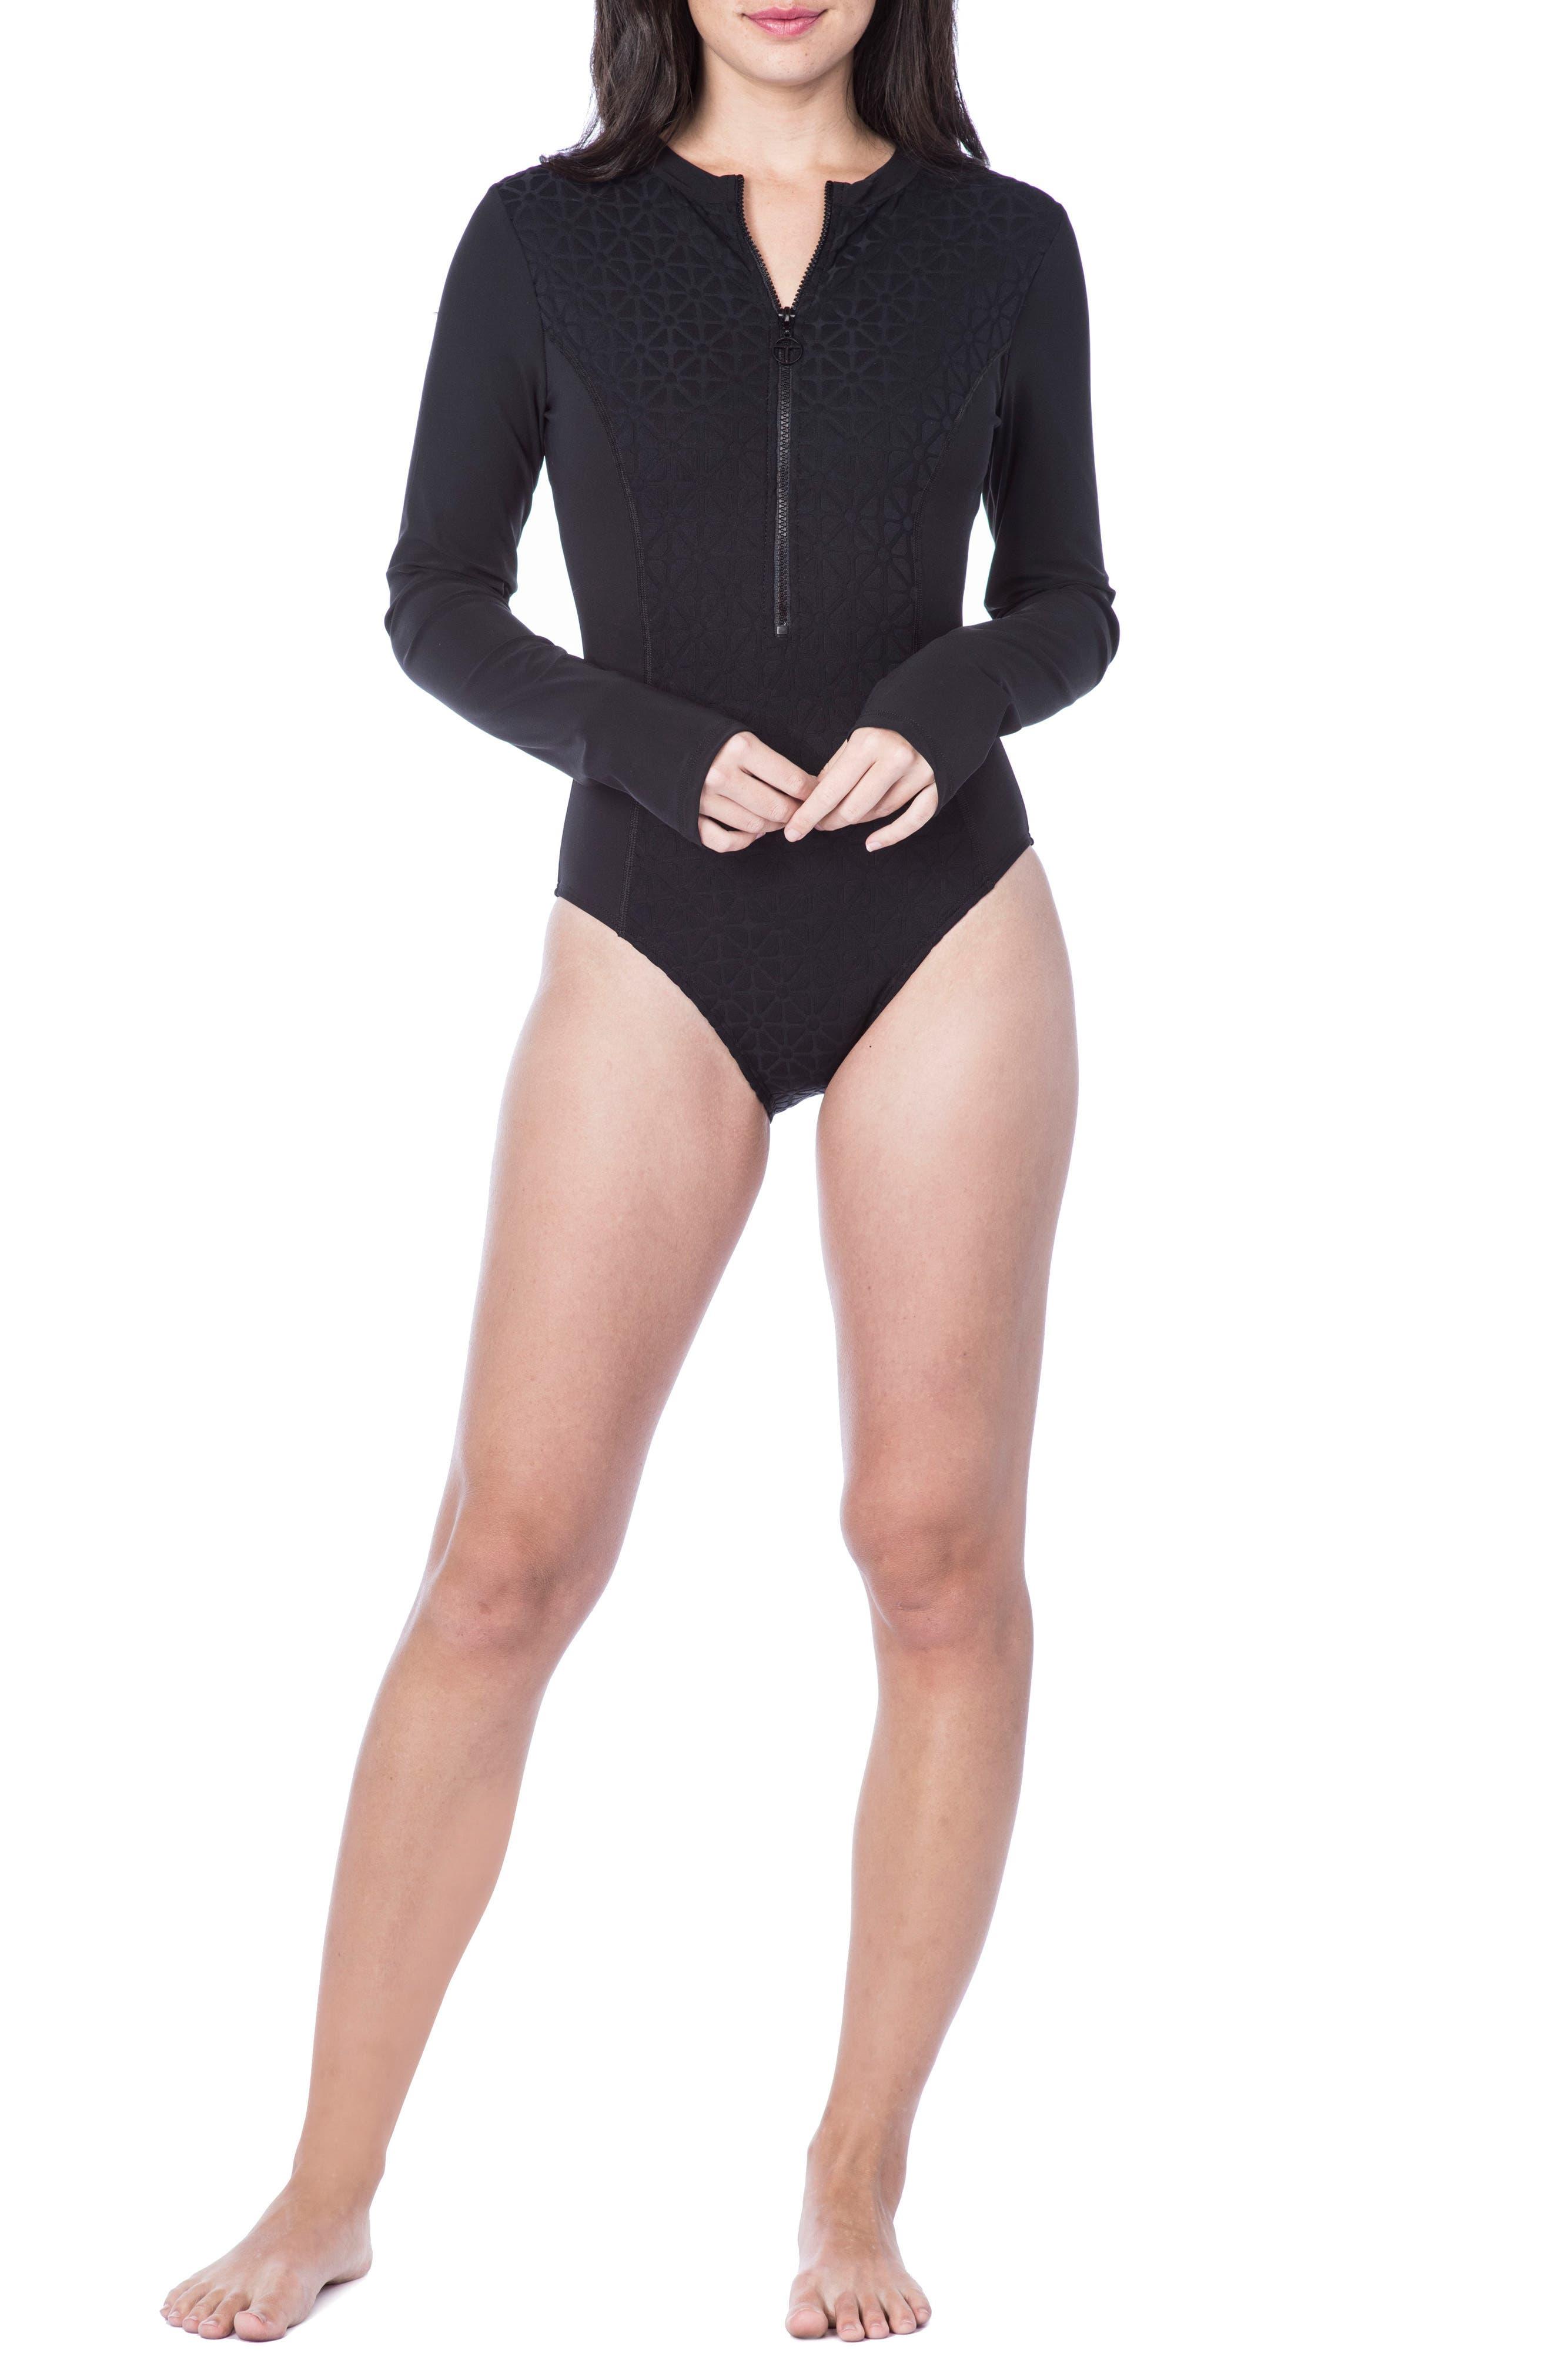 Sunshine Jacquard One-Piece Paddle Suit,                         Main,                         color, Black